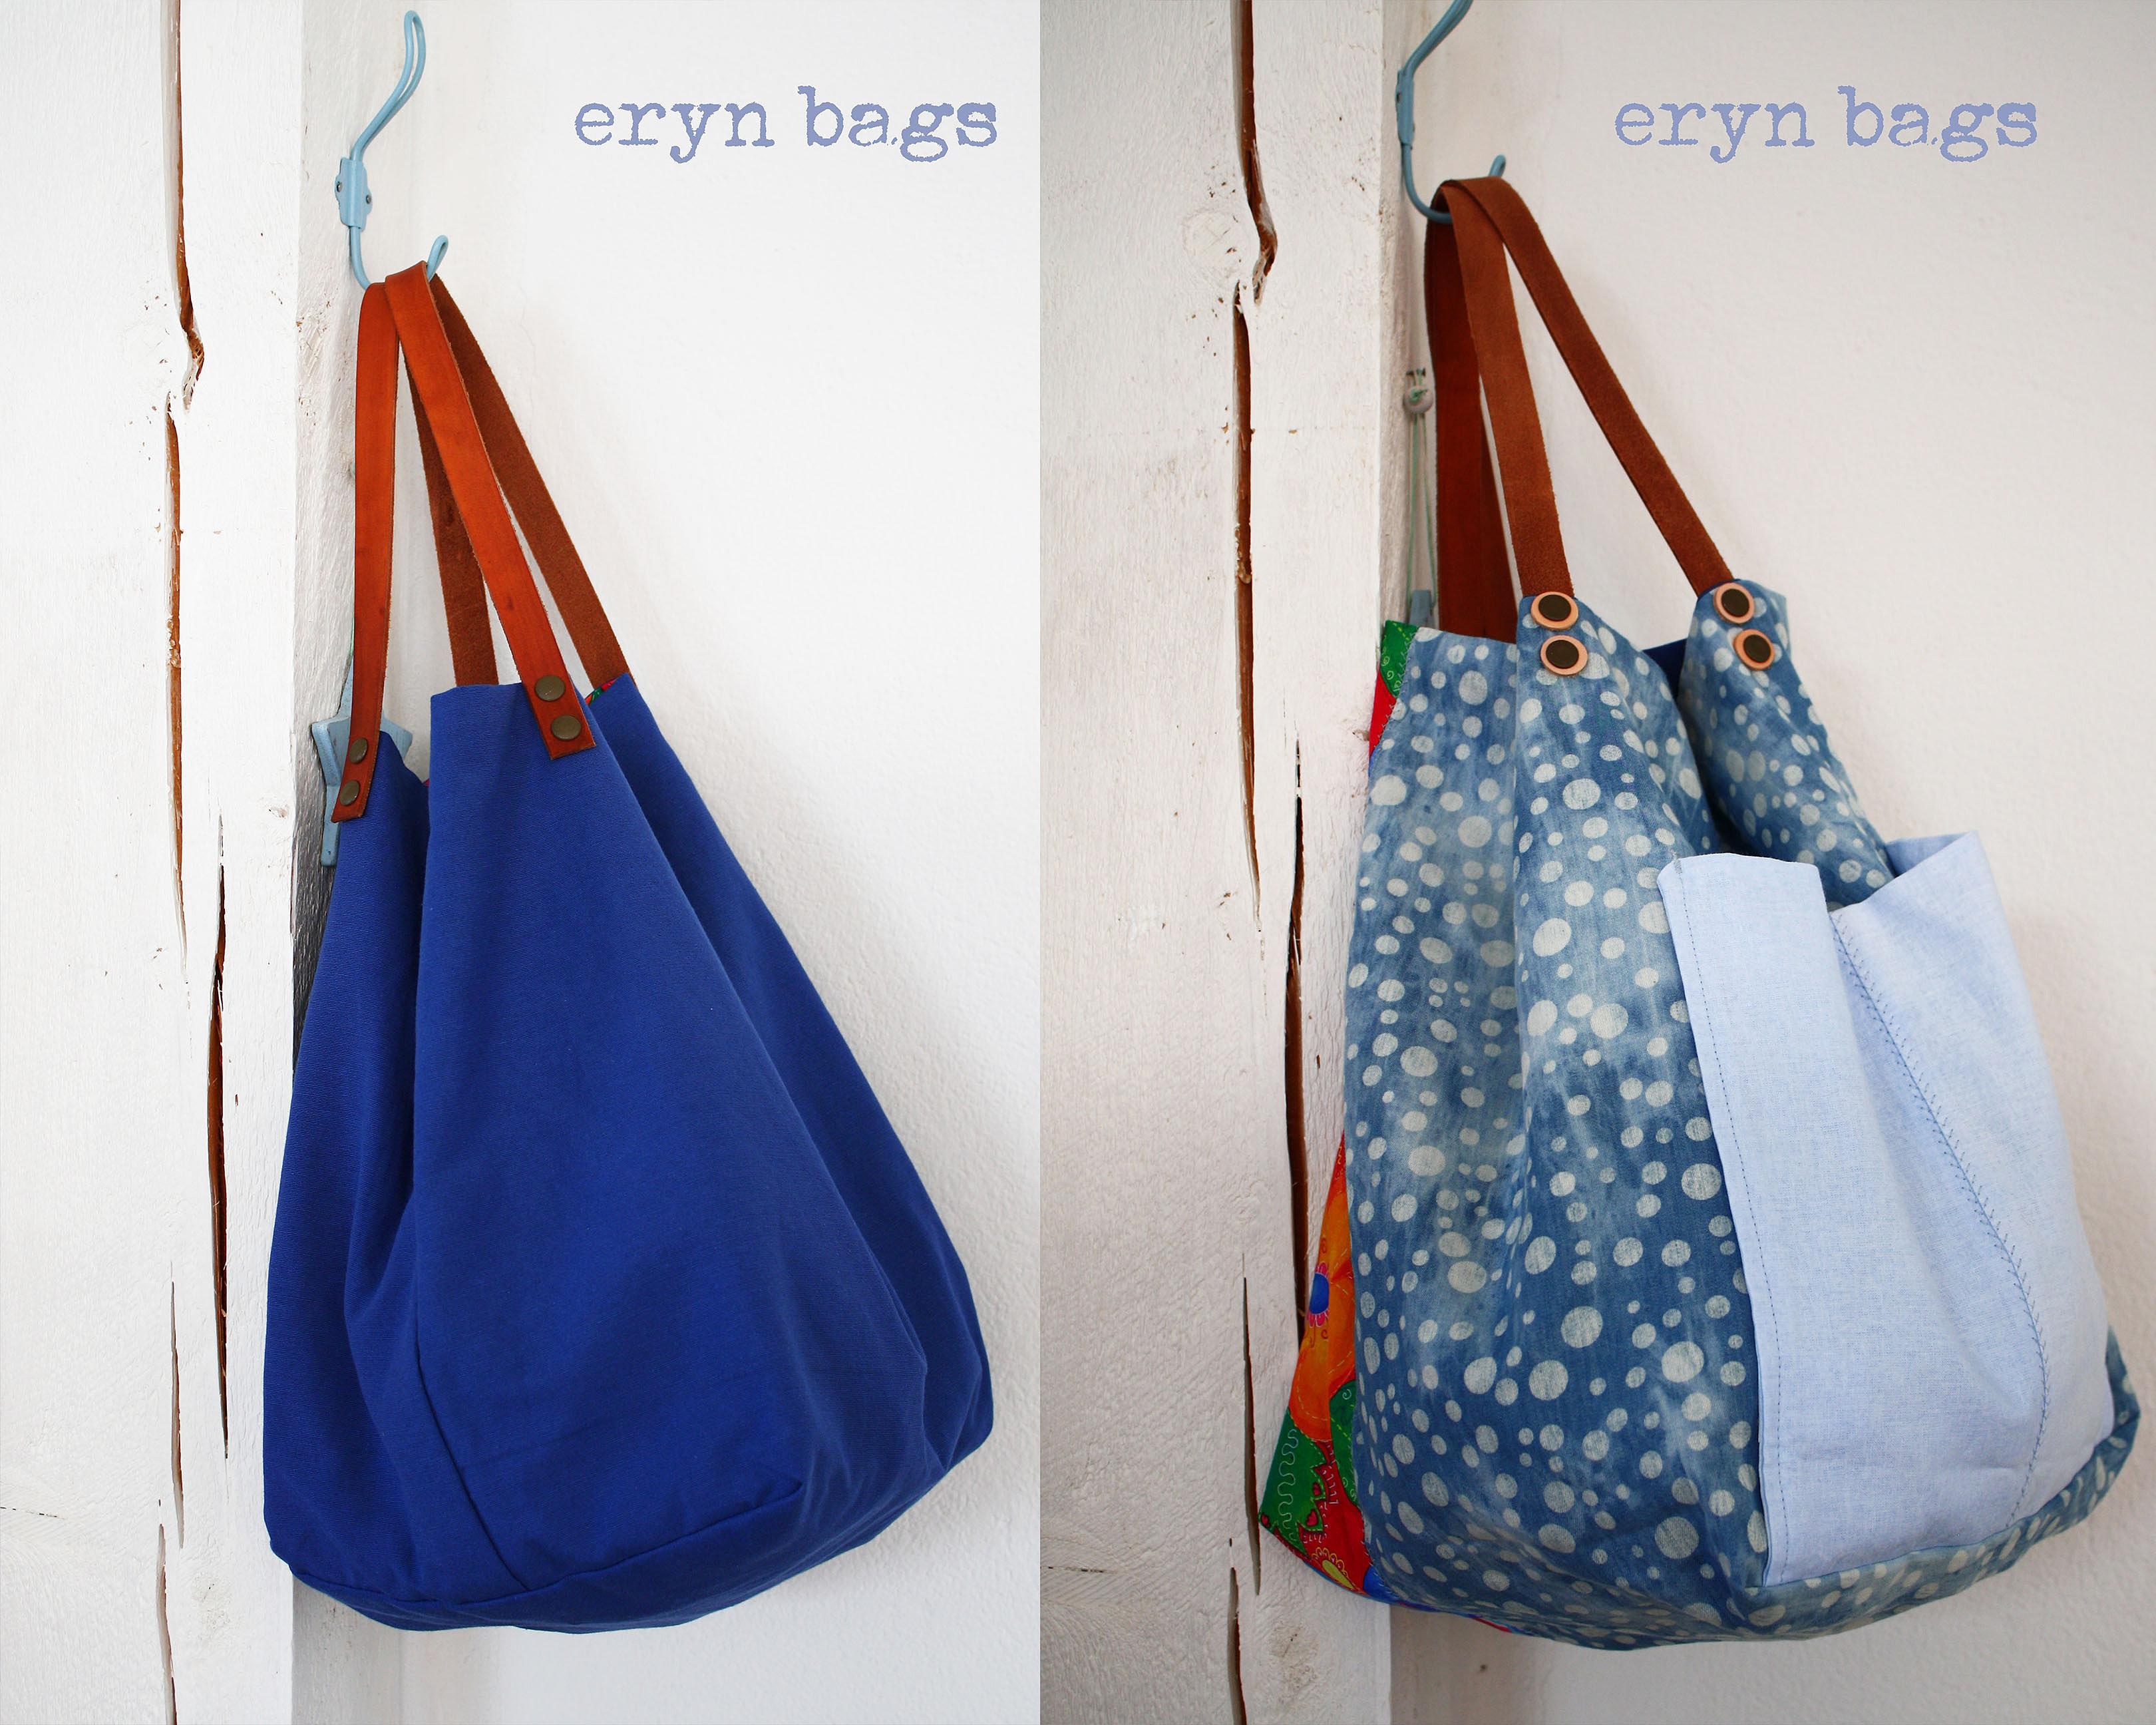 eryn bags original handmade bags